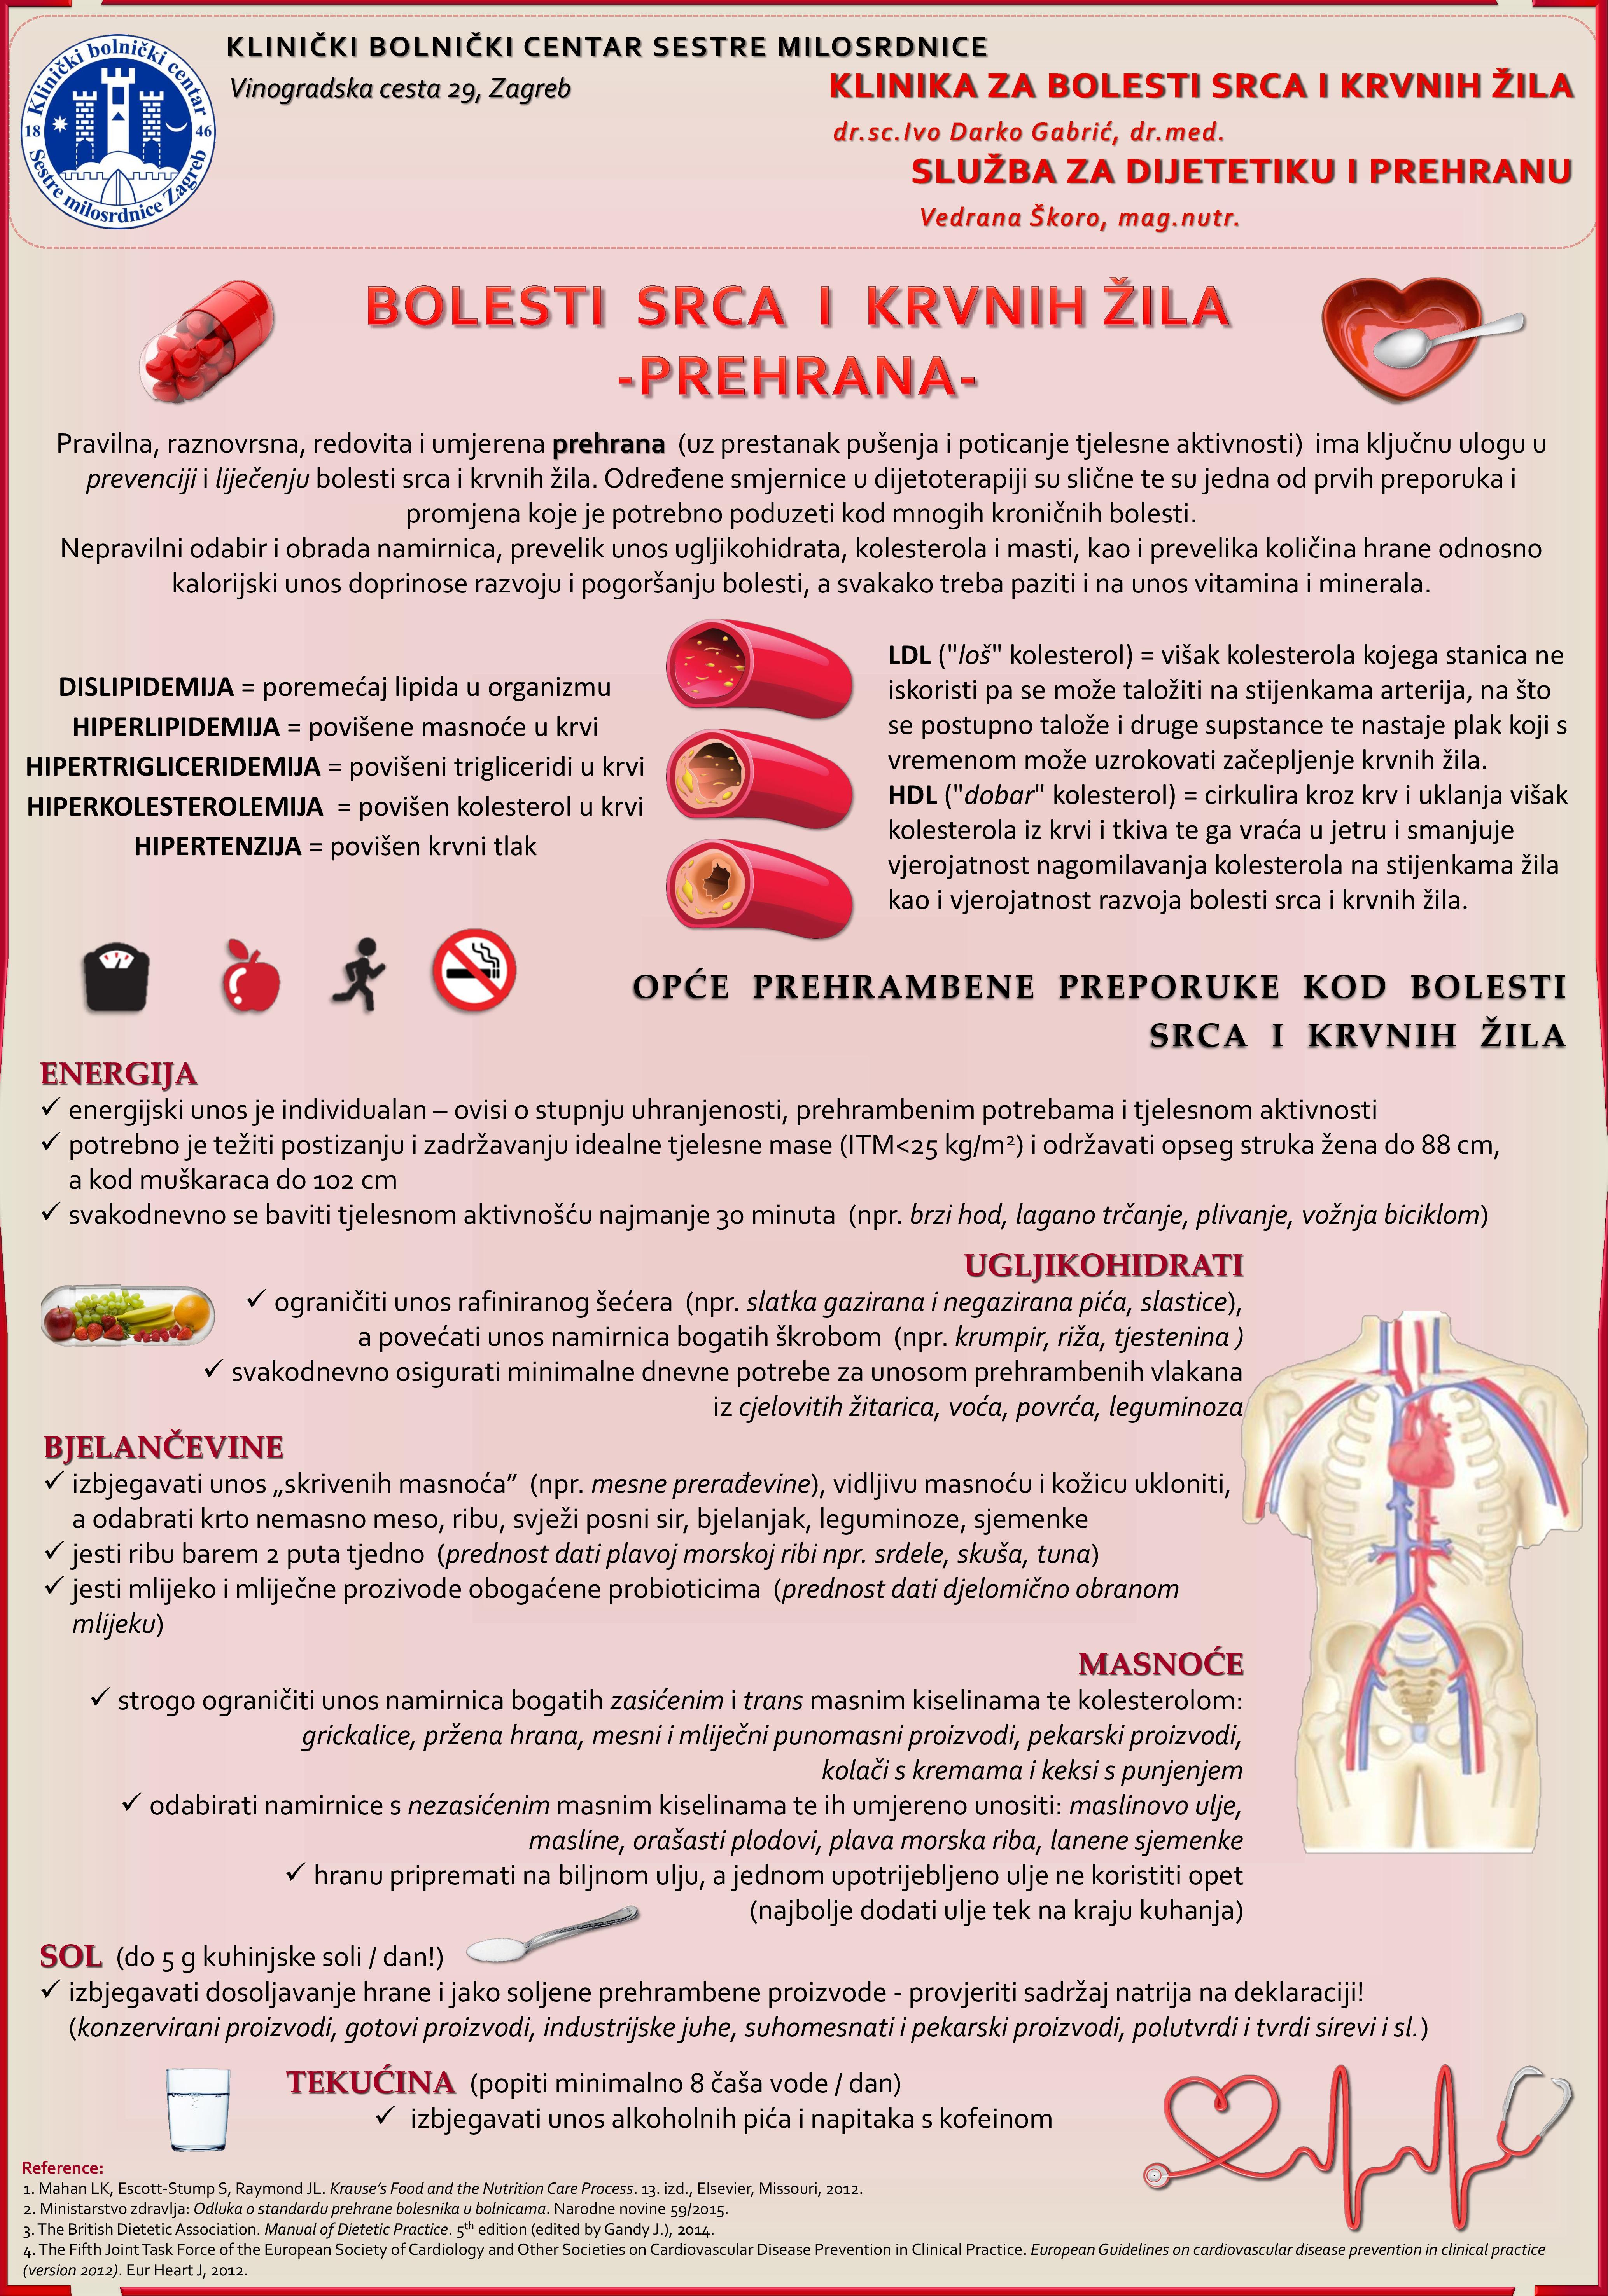 liječenje hipertenzije i hrana